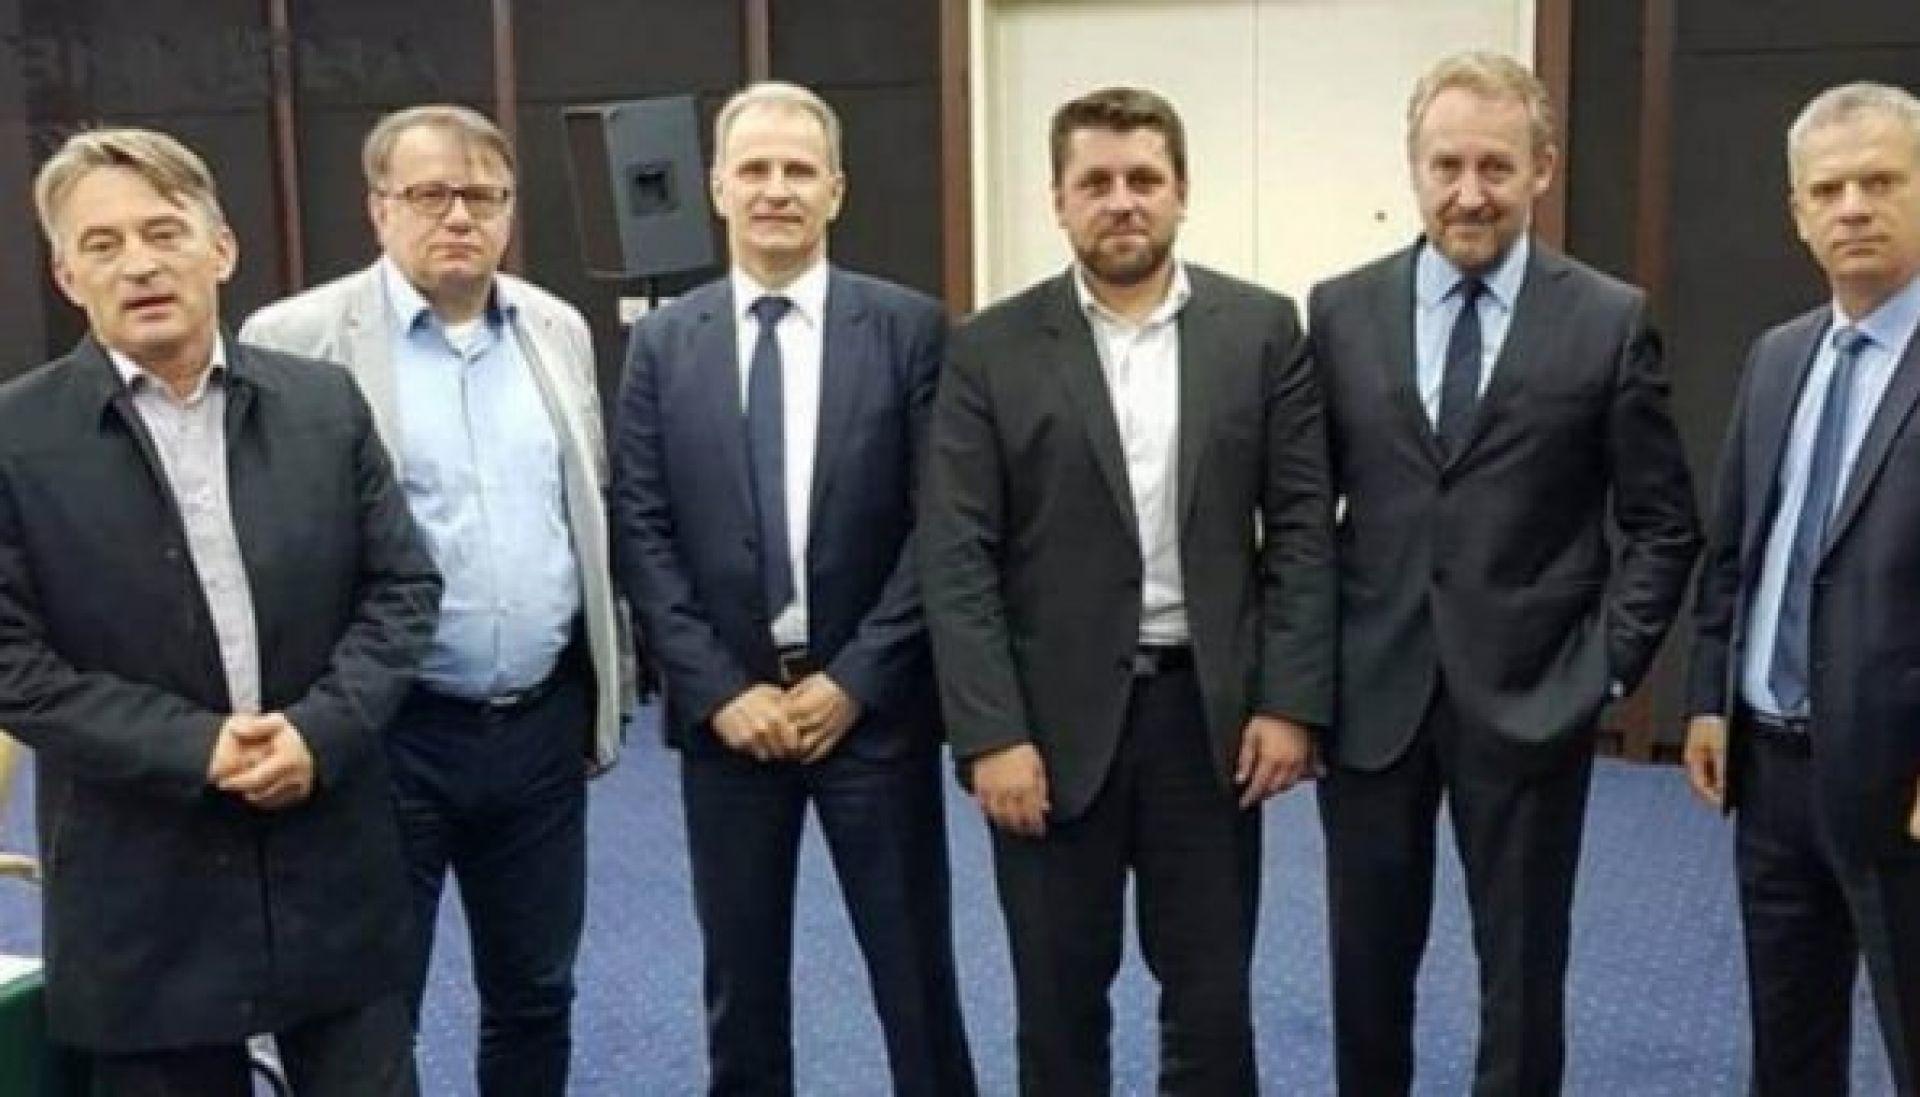 Bošnjačke stranke traže državicu kao i Srbi – u kojoj nema mjesta Hrvatima